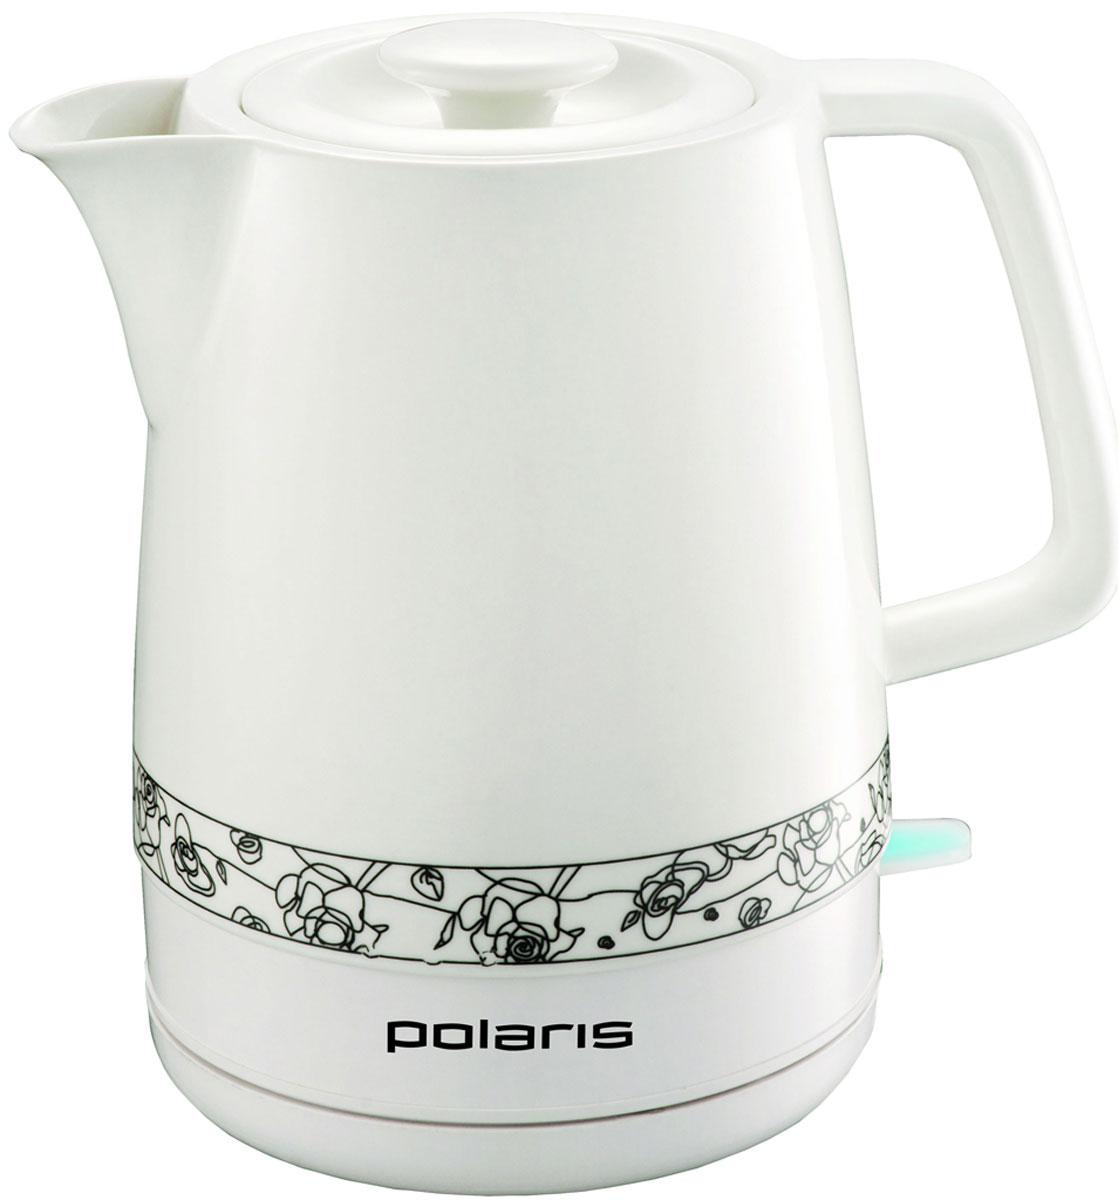 Polaris PWK 1731CC электрический чайникPWK 1731CCКерамический чайник Polaris PWK 1731CC идеально подходит для тех, кто ценит в доме уют. Керамика c древних времен считалась признаком хорошего вкуса и лучшим материалом для изготовления посуды. Сегодня благодаря новым технологиям керамика снова популярна. Керамический чайник Polaris PWK 1731CC имеет низкий уровень шума при работе, что особенно приятно в утренние часы. Силиконовое кольцо на крышке предотвращает дребезжание крышки при нагреве воды. Благодаря широкому носику чайник очень удобен в использовании.Кроме того, обладает следующими преимуществами современных электрических чайников: выключатель с подсветкой, скрытый нагревательный элемент, эргономичный корпус, вращающийся на 360°. Подключение осуществляется через подставку, в которой предусмотрен отсек для хранения шнура. Пусть в вашем доме господствуют натуральные, экологически чистые материалы, обеспечивающие идеальное качество воды для чаепития со вкусом. Мощность чайника Polaris PWK 1731CC составляет 2200 Вт, а вместимость 1,7 л.Силиконовое кольцо на крышке предотвращает дребезжание крышки при кипенииУдобство в использовании благодаря широкому носикуНизкий уровень шума